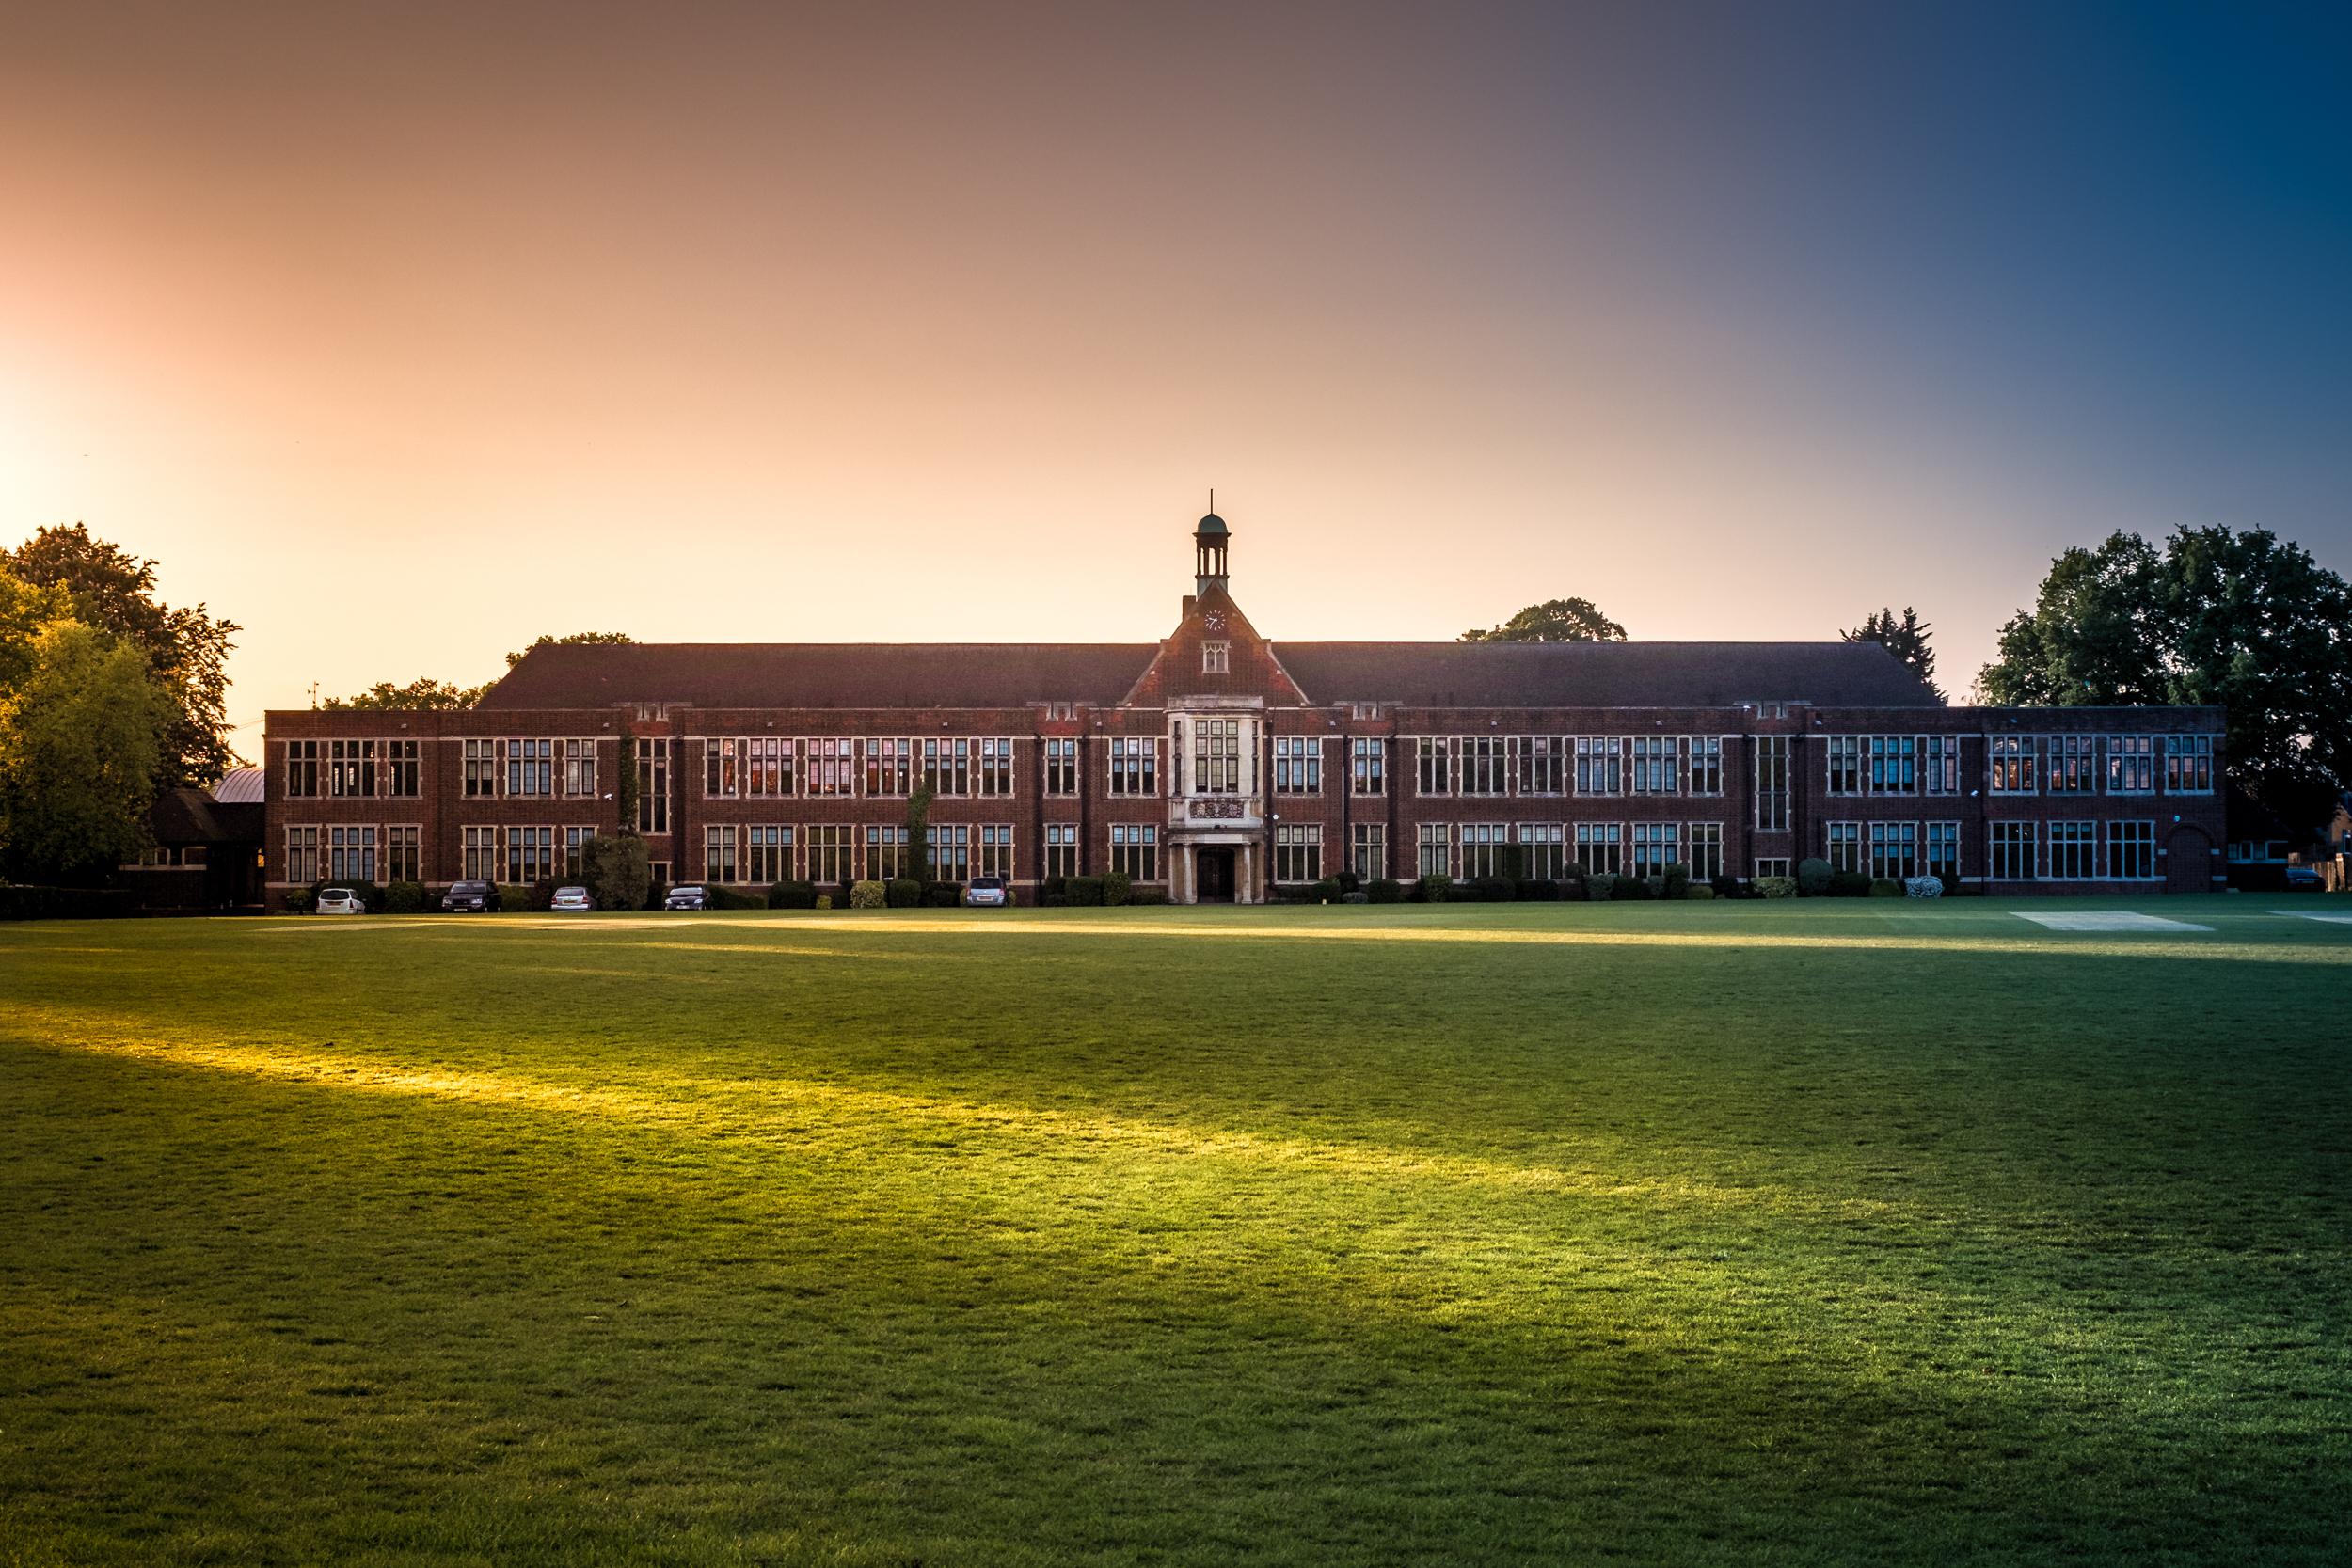 Mein Alte Schule im London